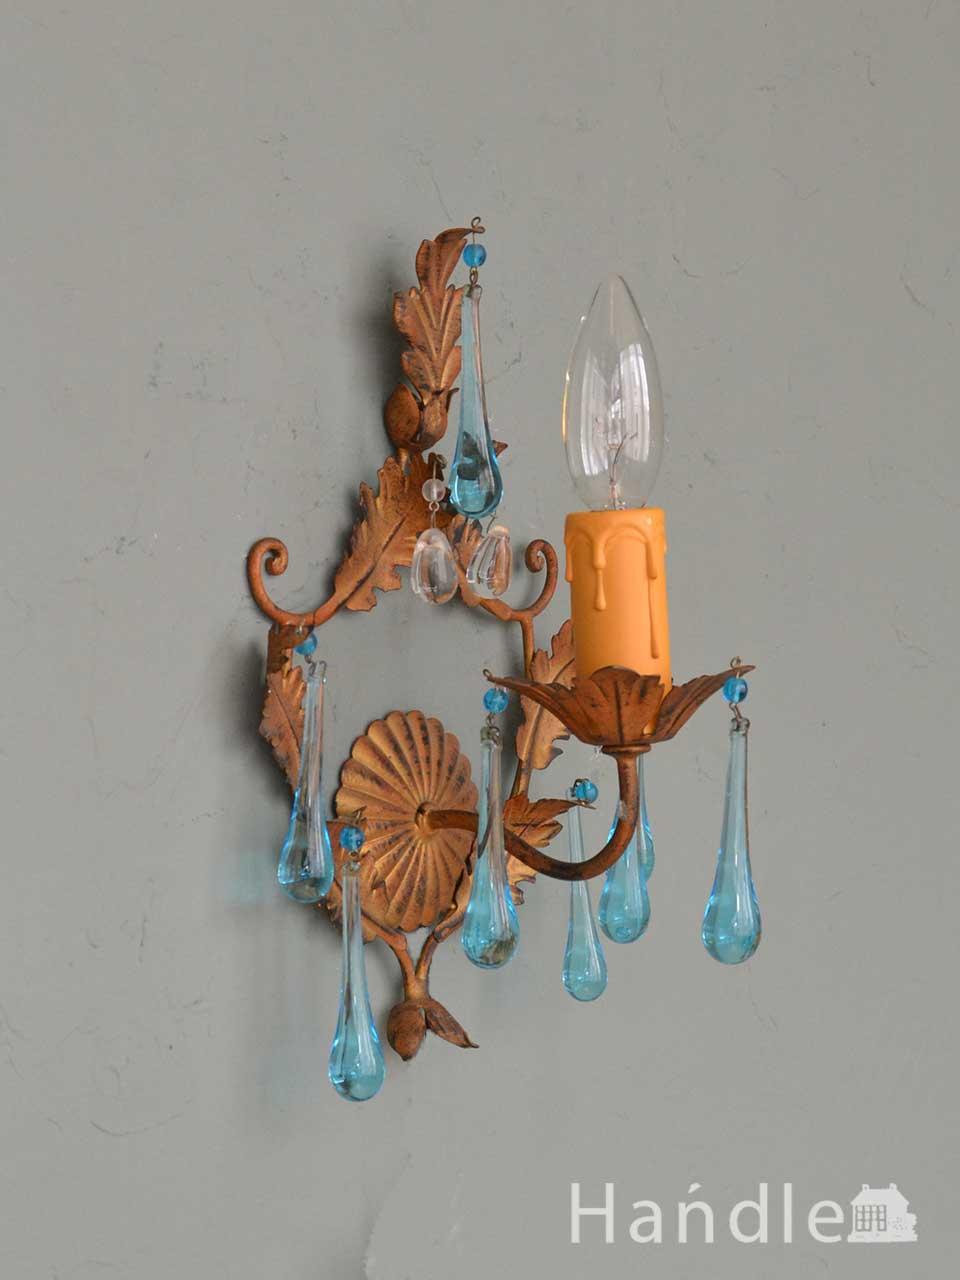 フランスの壁付けシャンデリア、ブルーのガラスビーズのアンティークのウォールブラケット(E17シャンデリア球付) (d-1660-z)